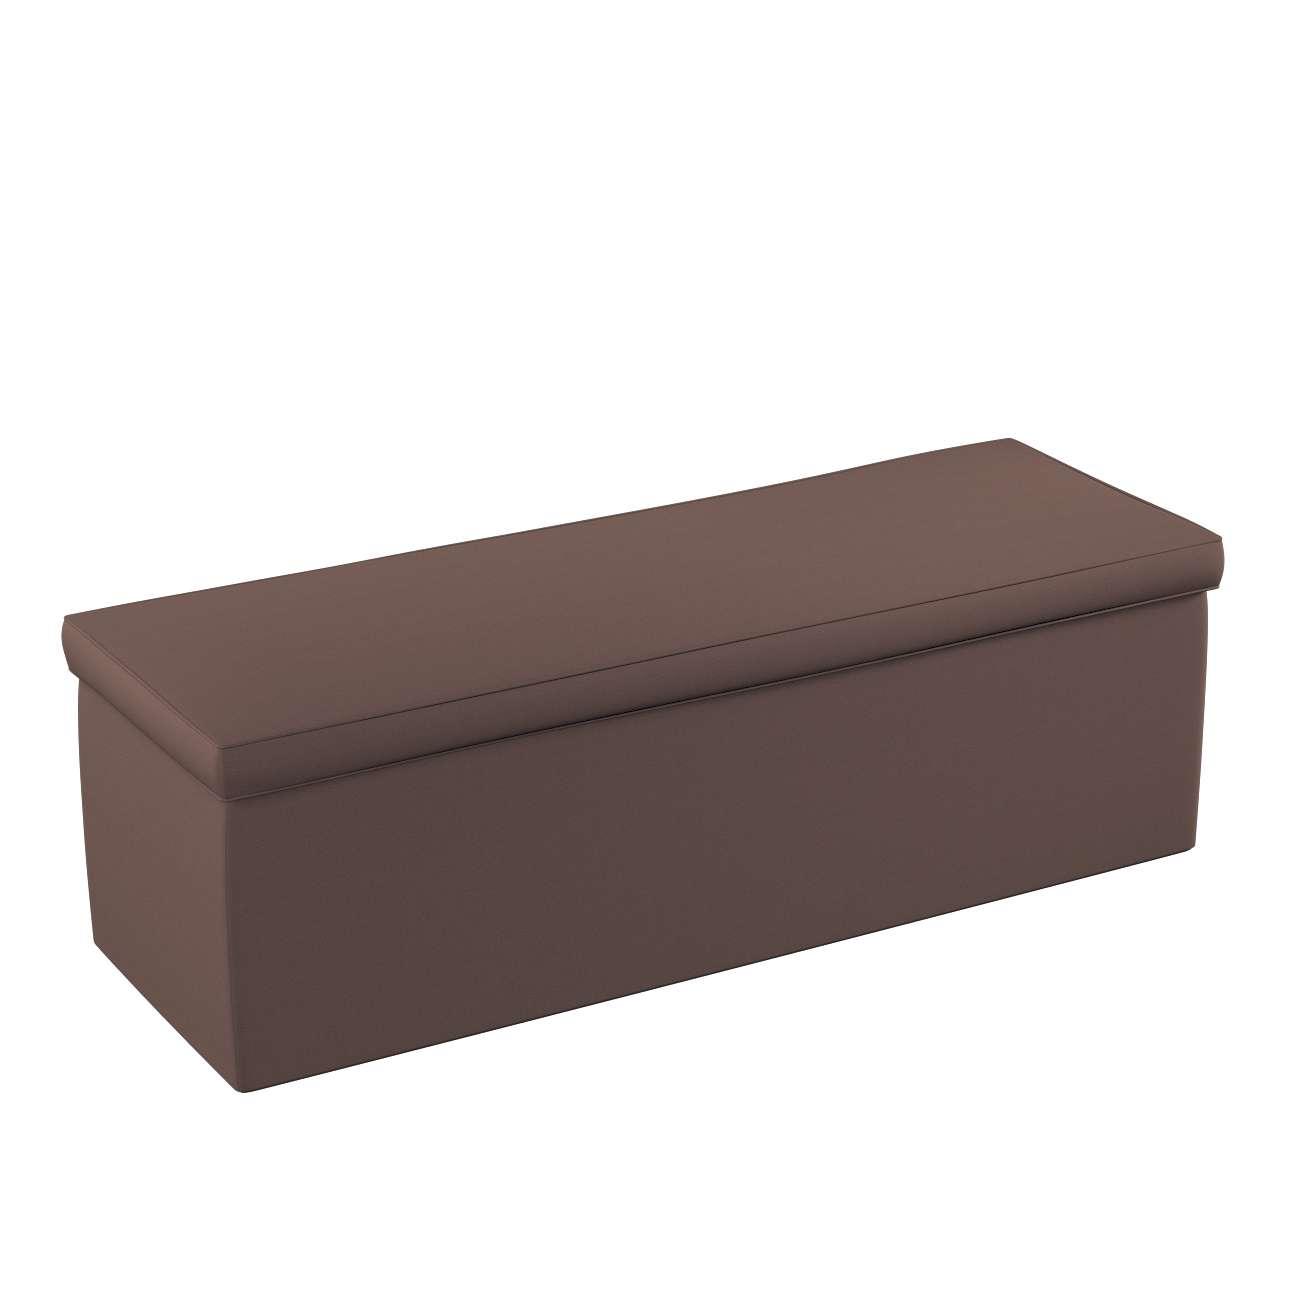 Čalouněná skříň s volbou látky - 2 velikosti v kolekci Cotton Panama, látka: 702-03